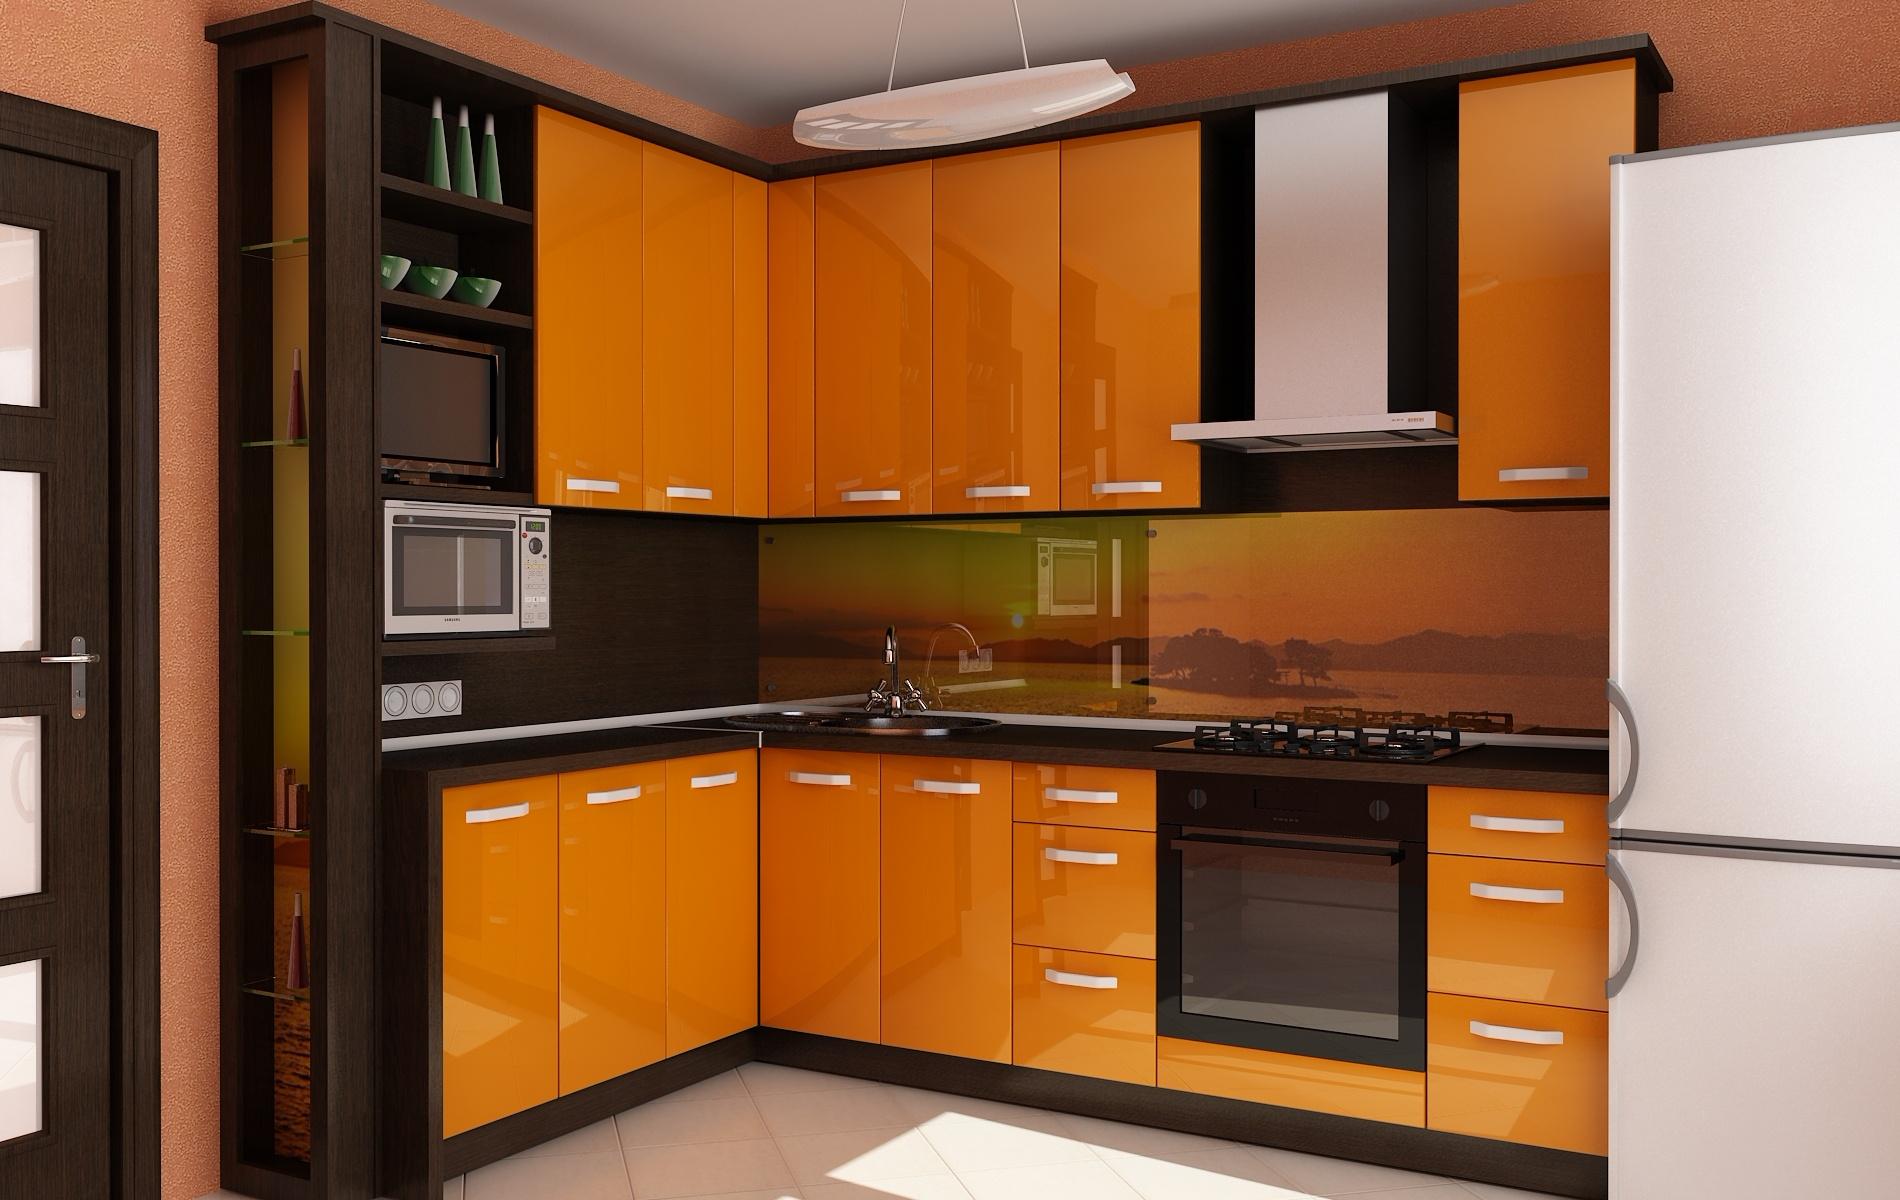 дизайн угловой кухни фотогалерея нибудь